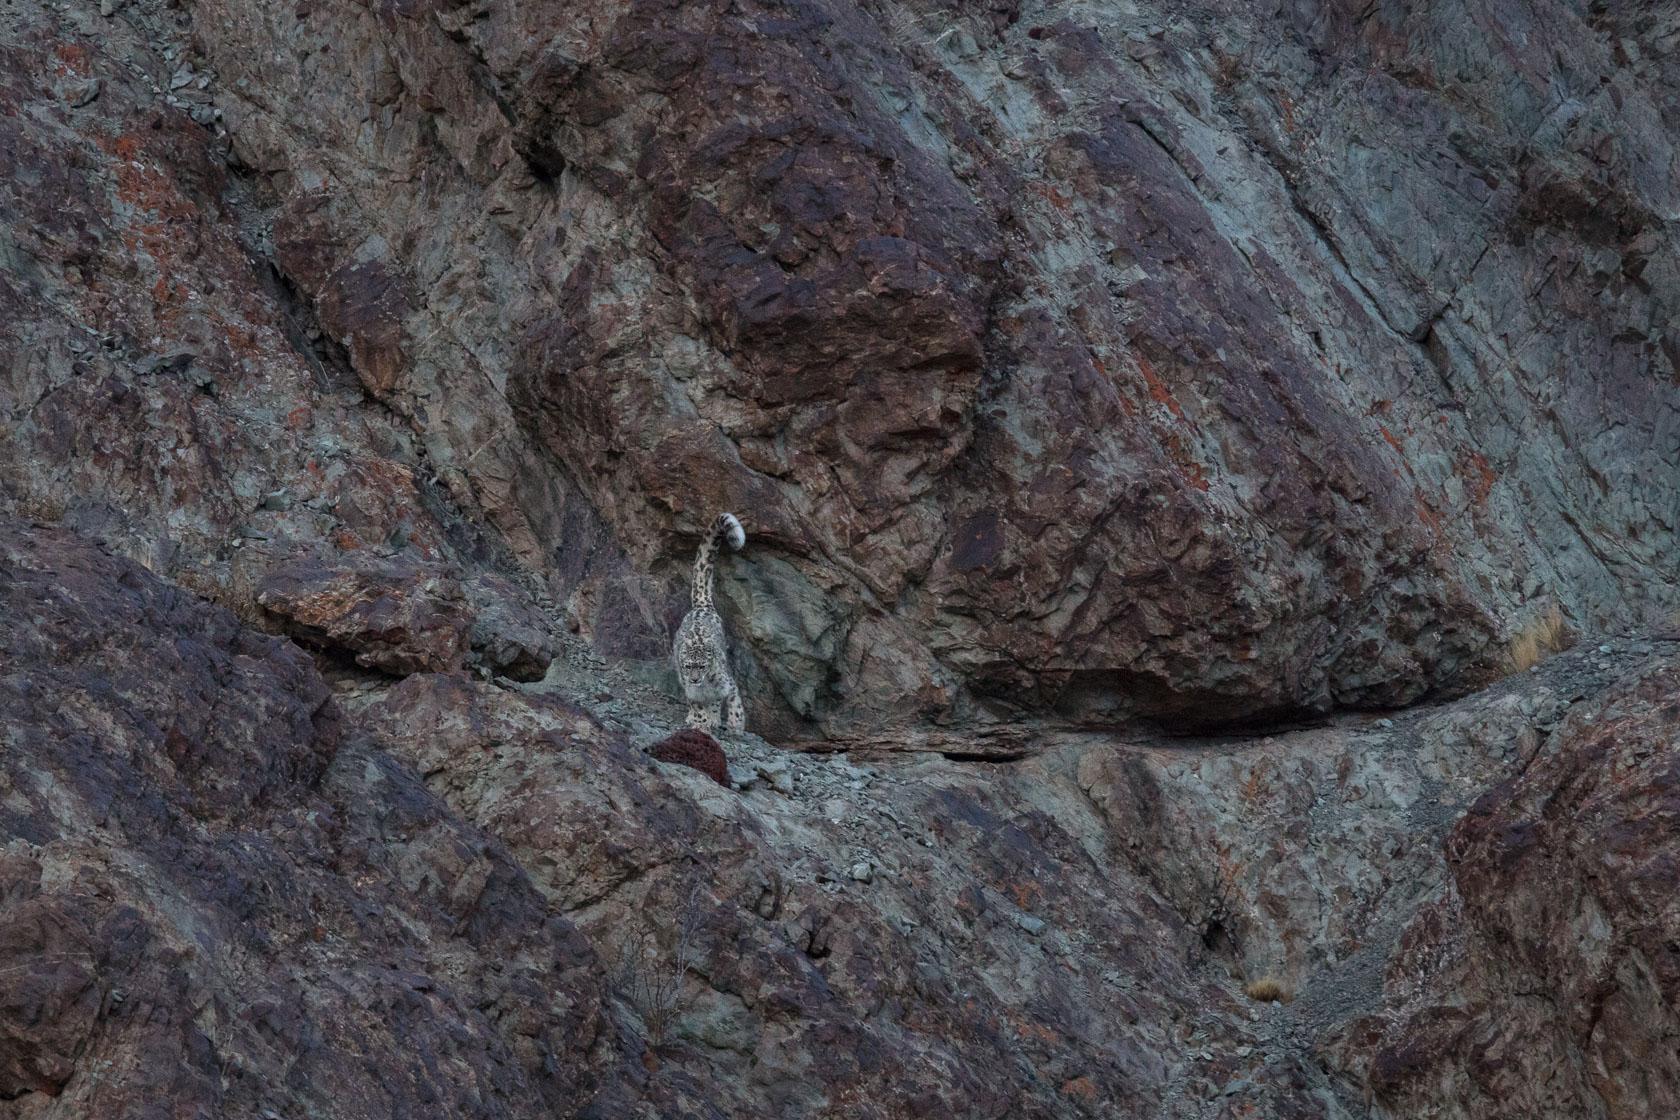 panthère des neiges (Panthera uncia) marquant son territoire au Ladakh